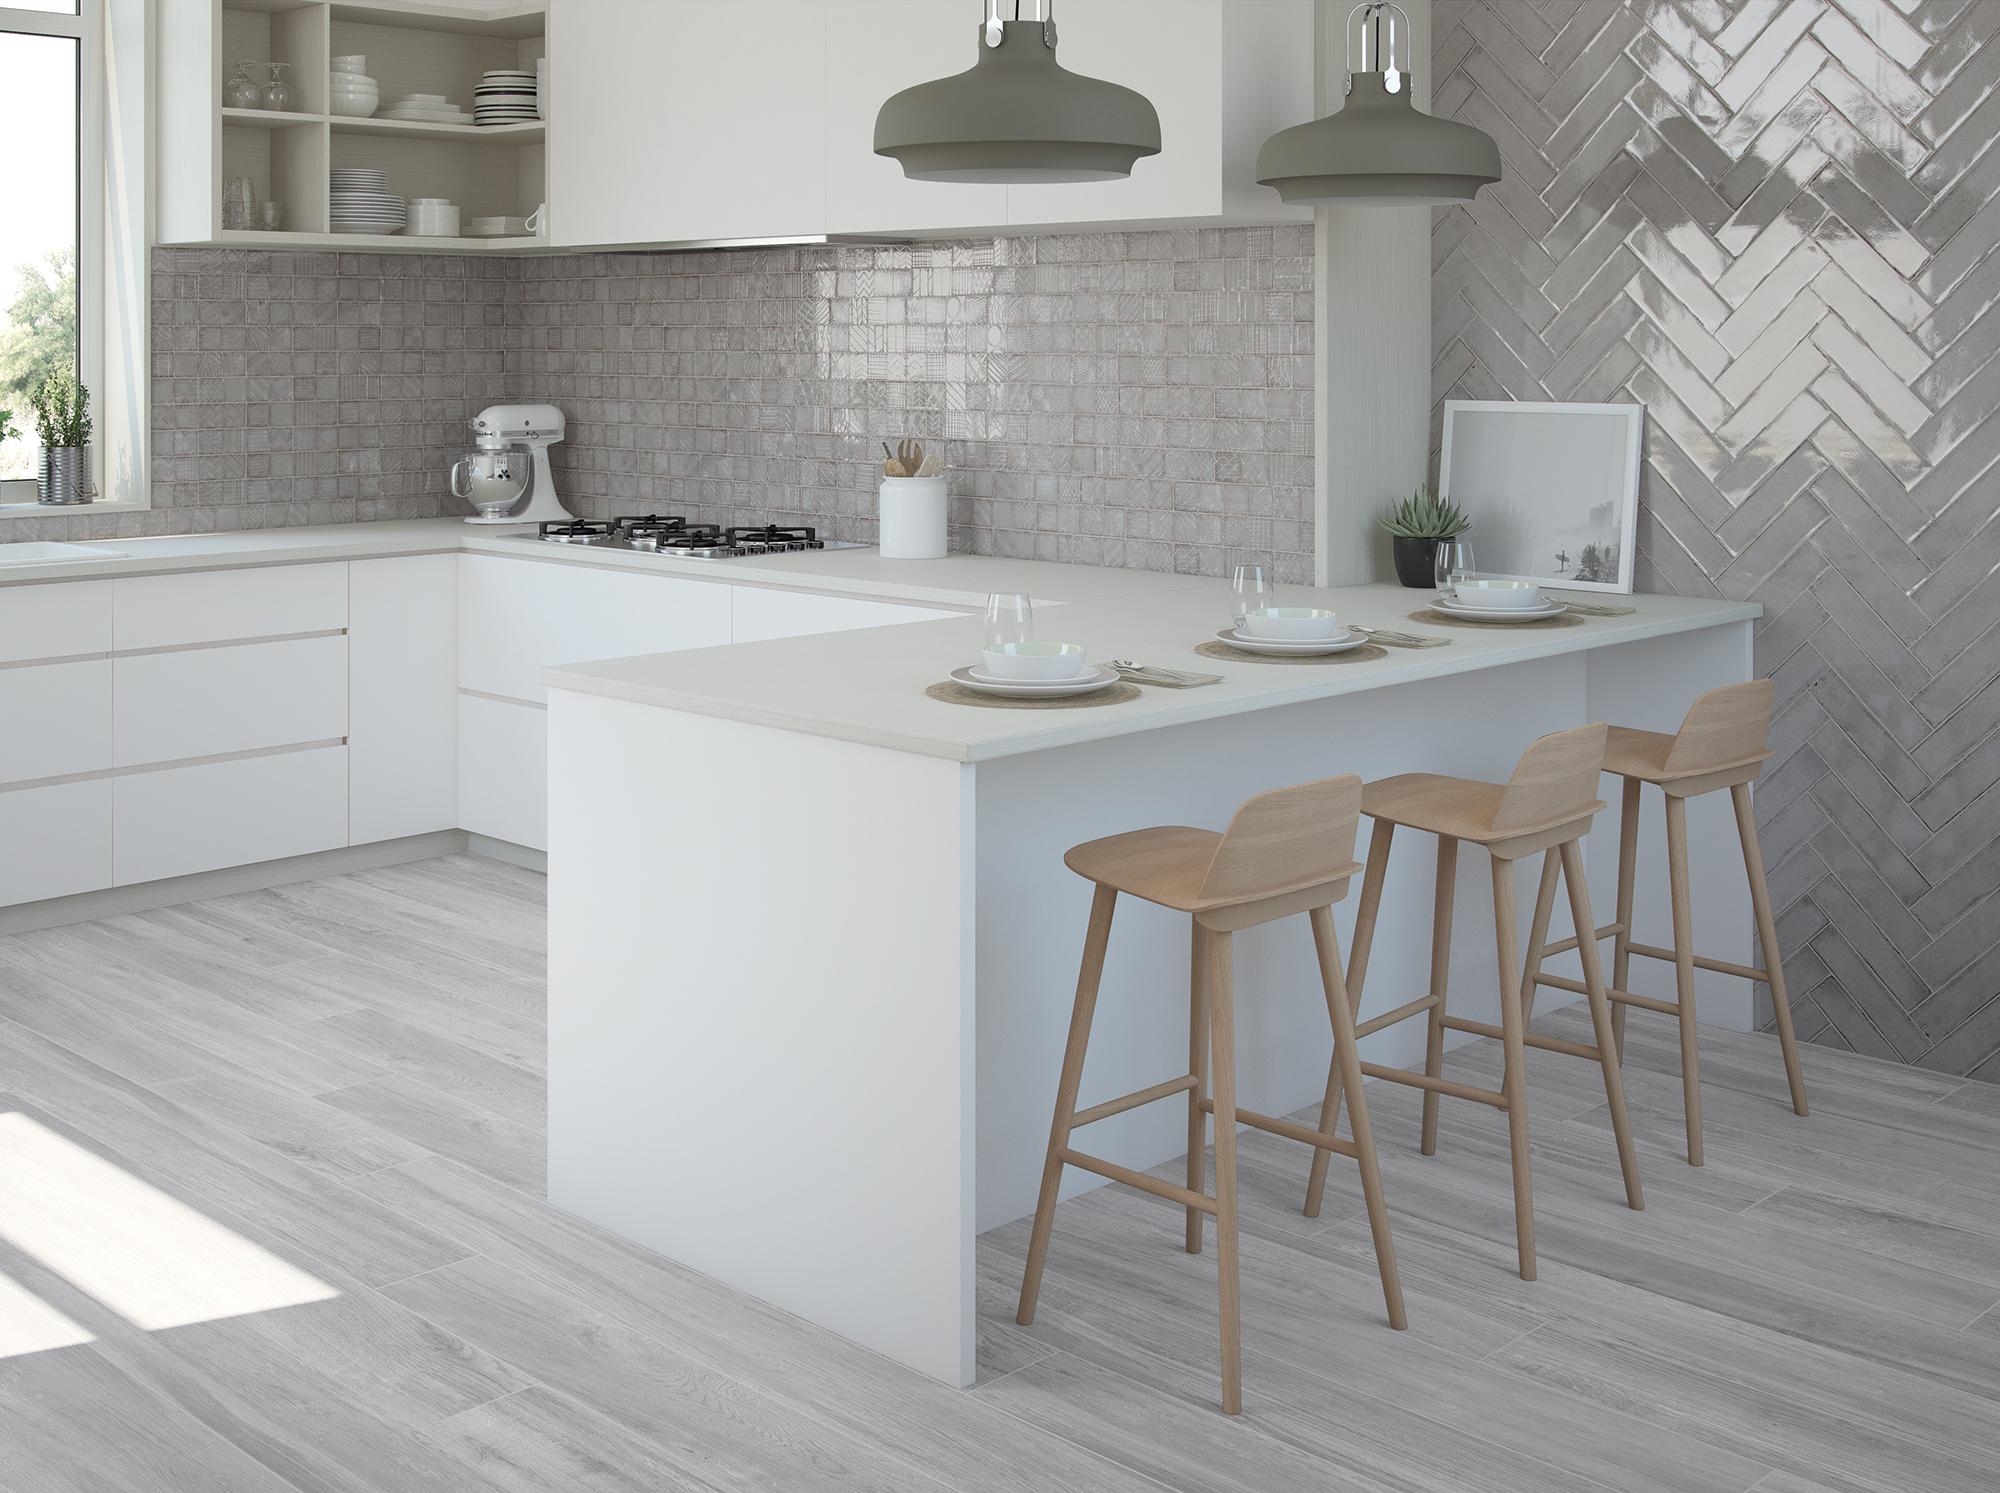 Berühmt Sie Können Keramische Bodenfliesen Küche Malen Ideen ...